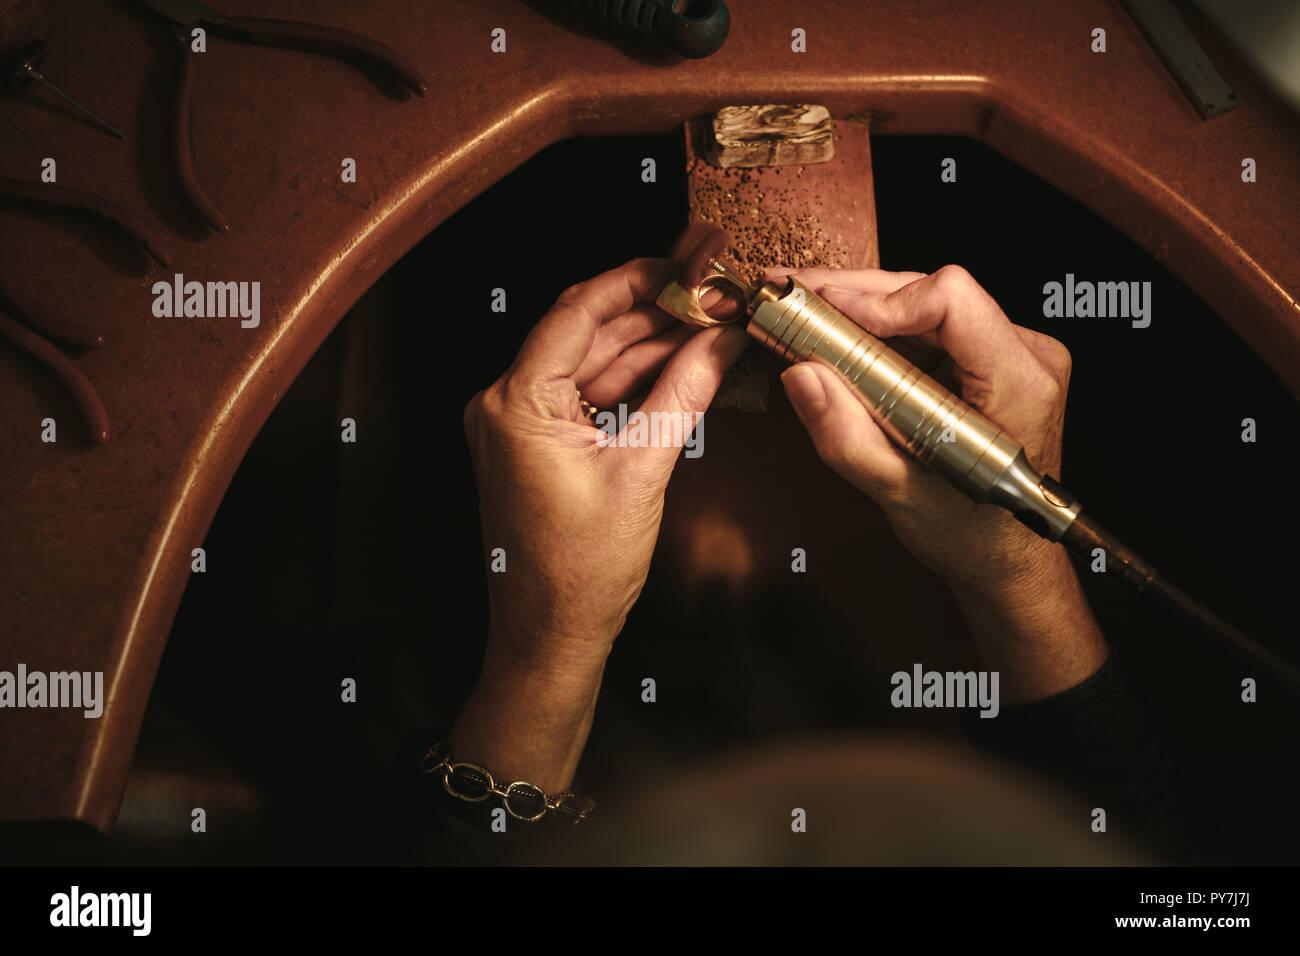 7d4b59f80cdf Cerca de joyero femenino manos pulir un anillo en su banco. Goldsmith  haciendo la superficie